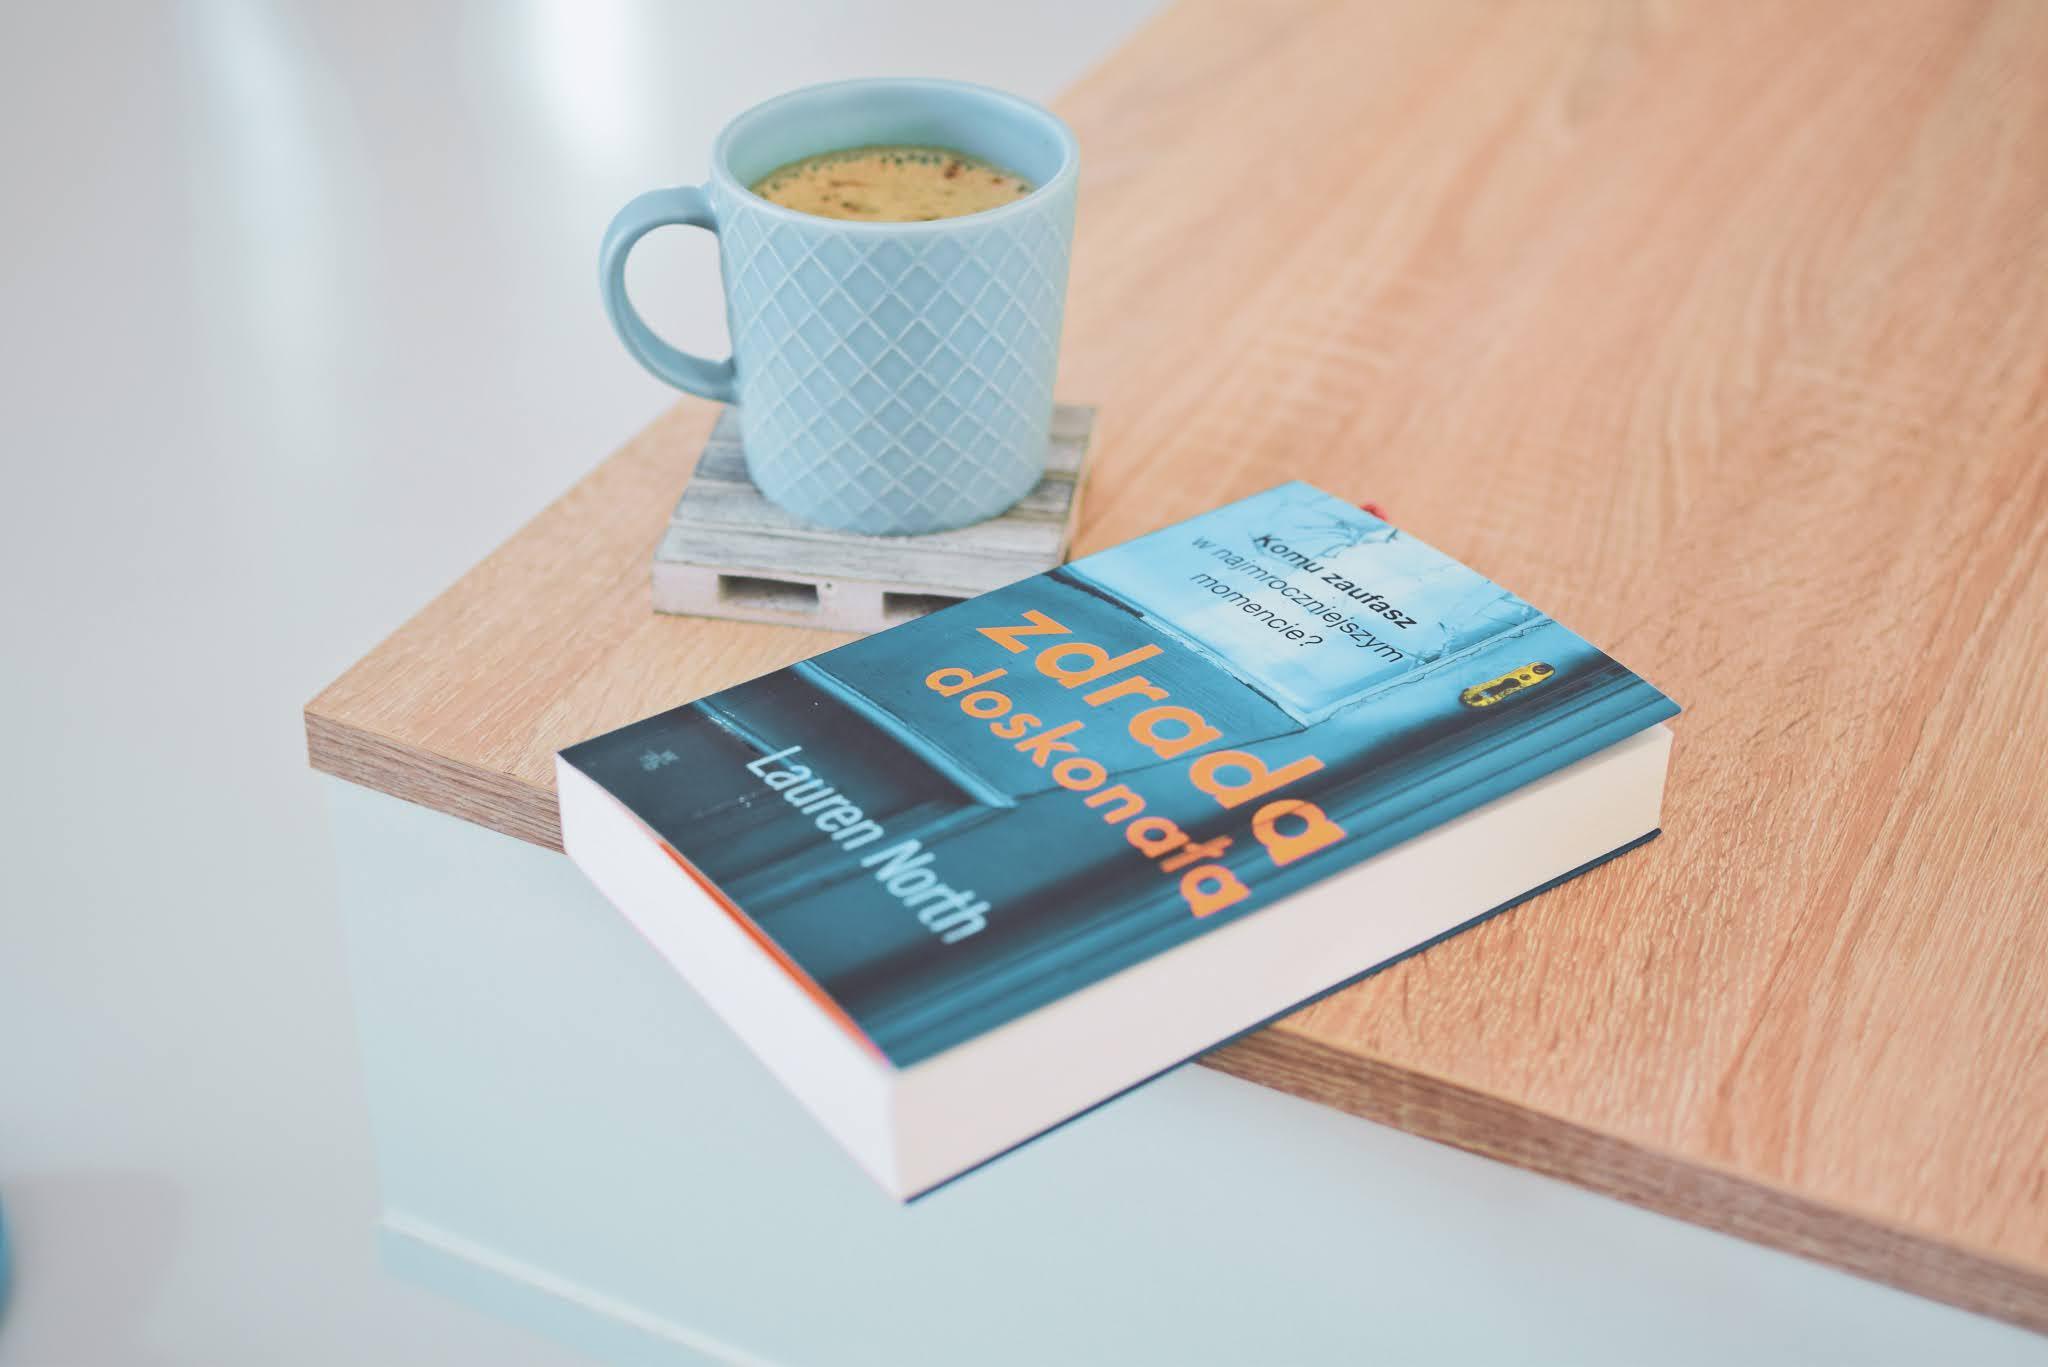 WydawnictwoWab,thrillerpsychologiczny,ZdradaDoskonała,zdrada,LaurenNorth,recenzja,opowiadanie,thriller,zaufanie,